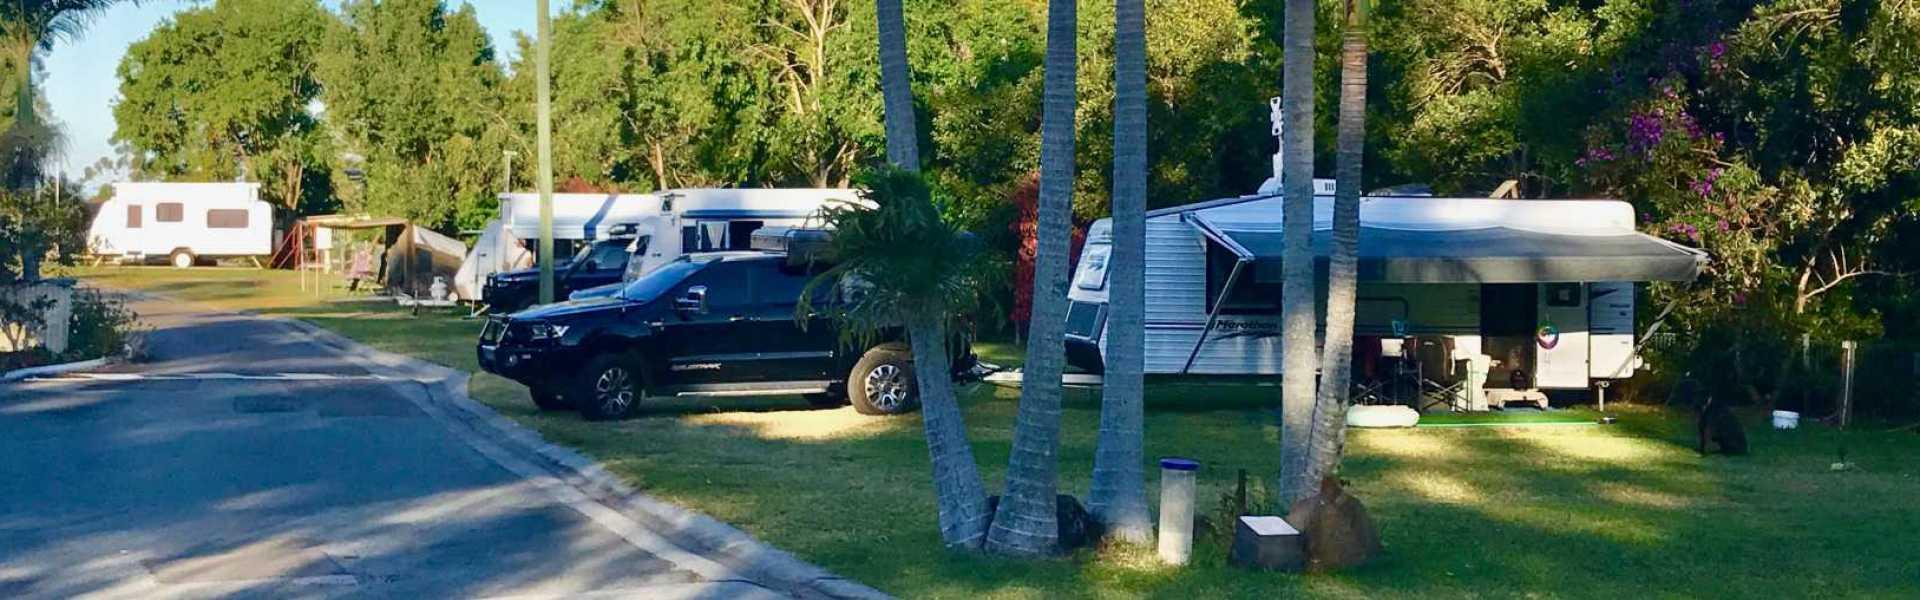 Kui Parks, Ocean View Tourist Park, Landsborough QLD